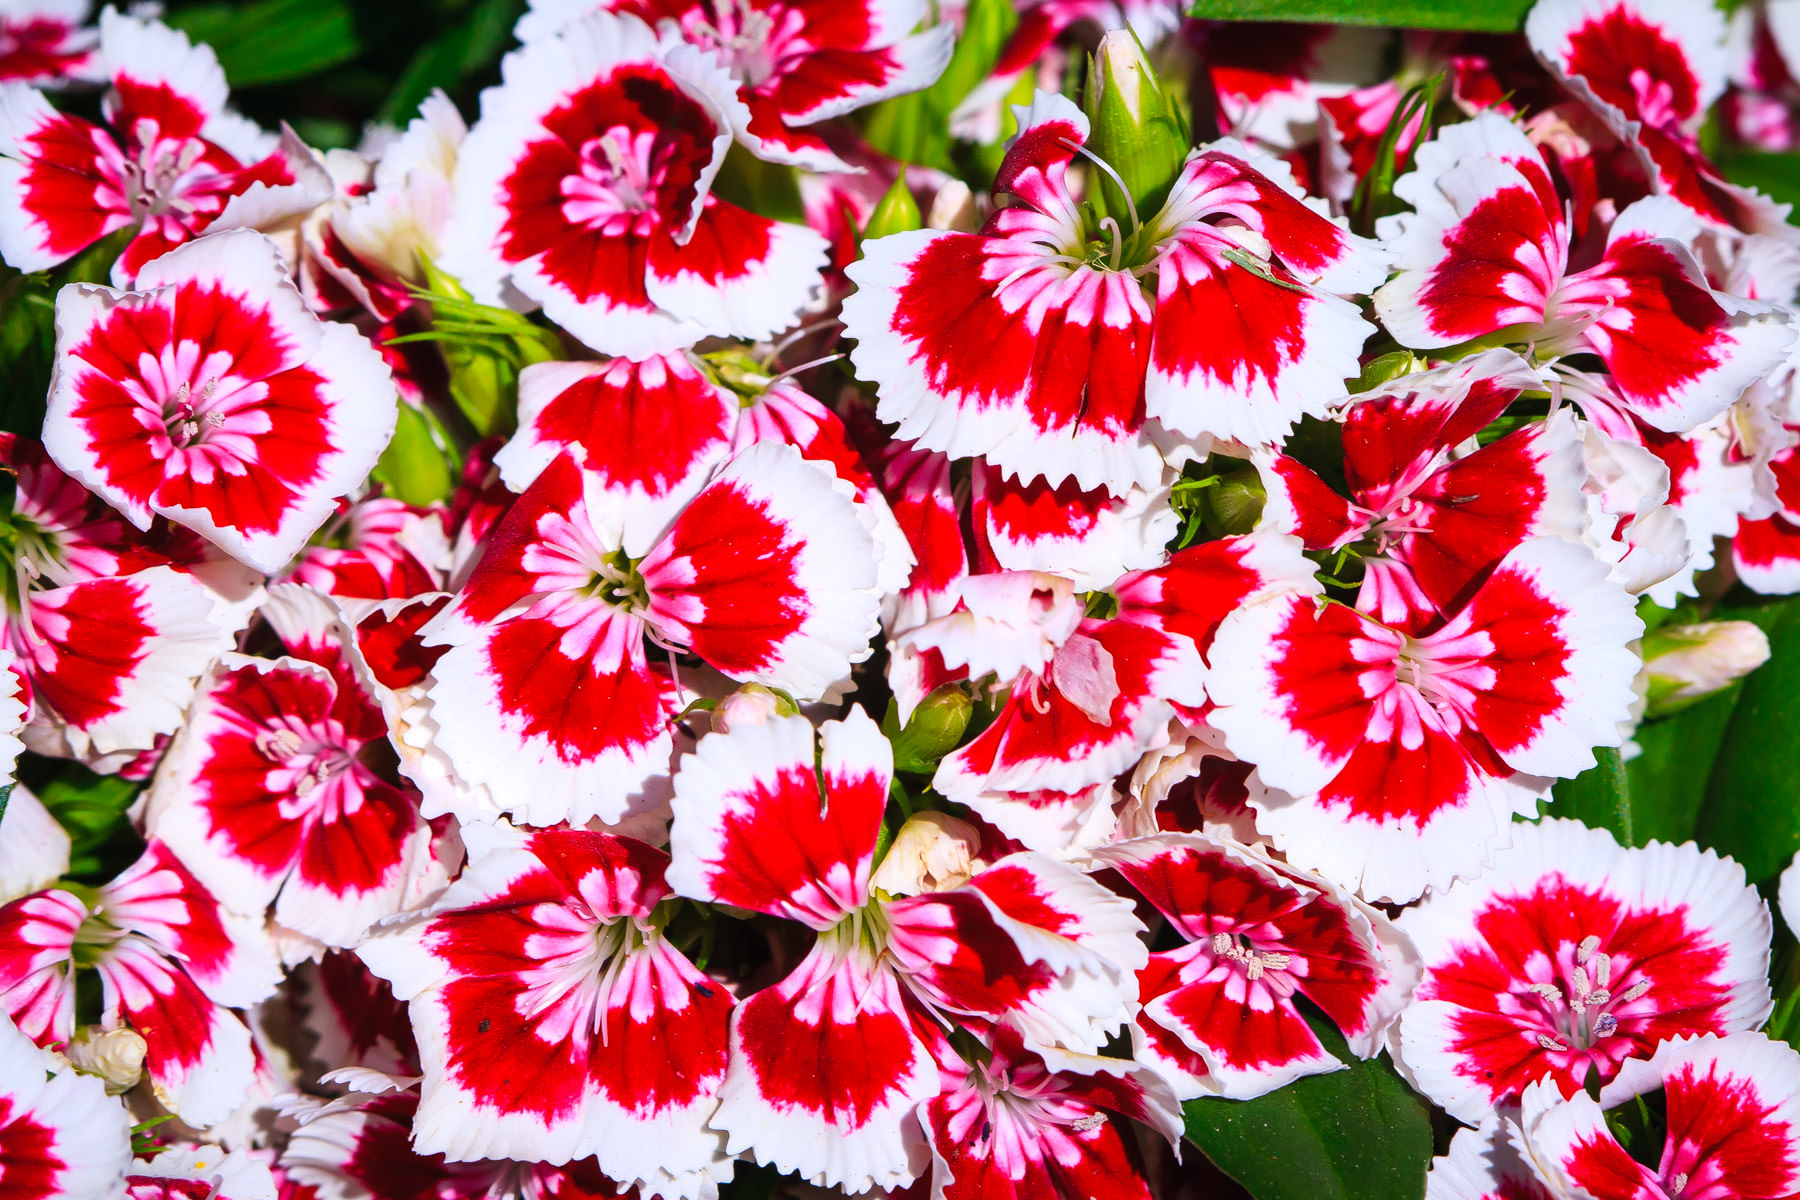 Flowers at the Dallas Arboretum.